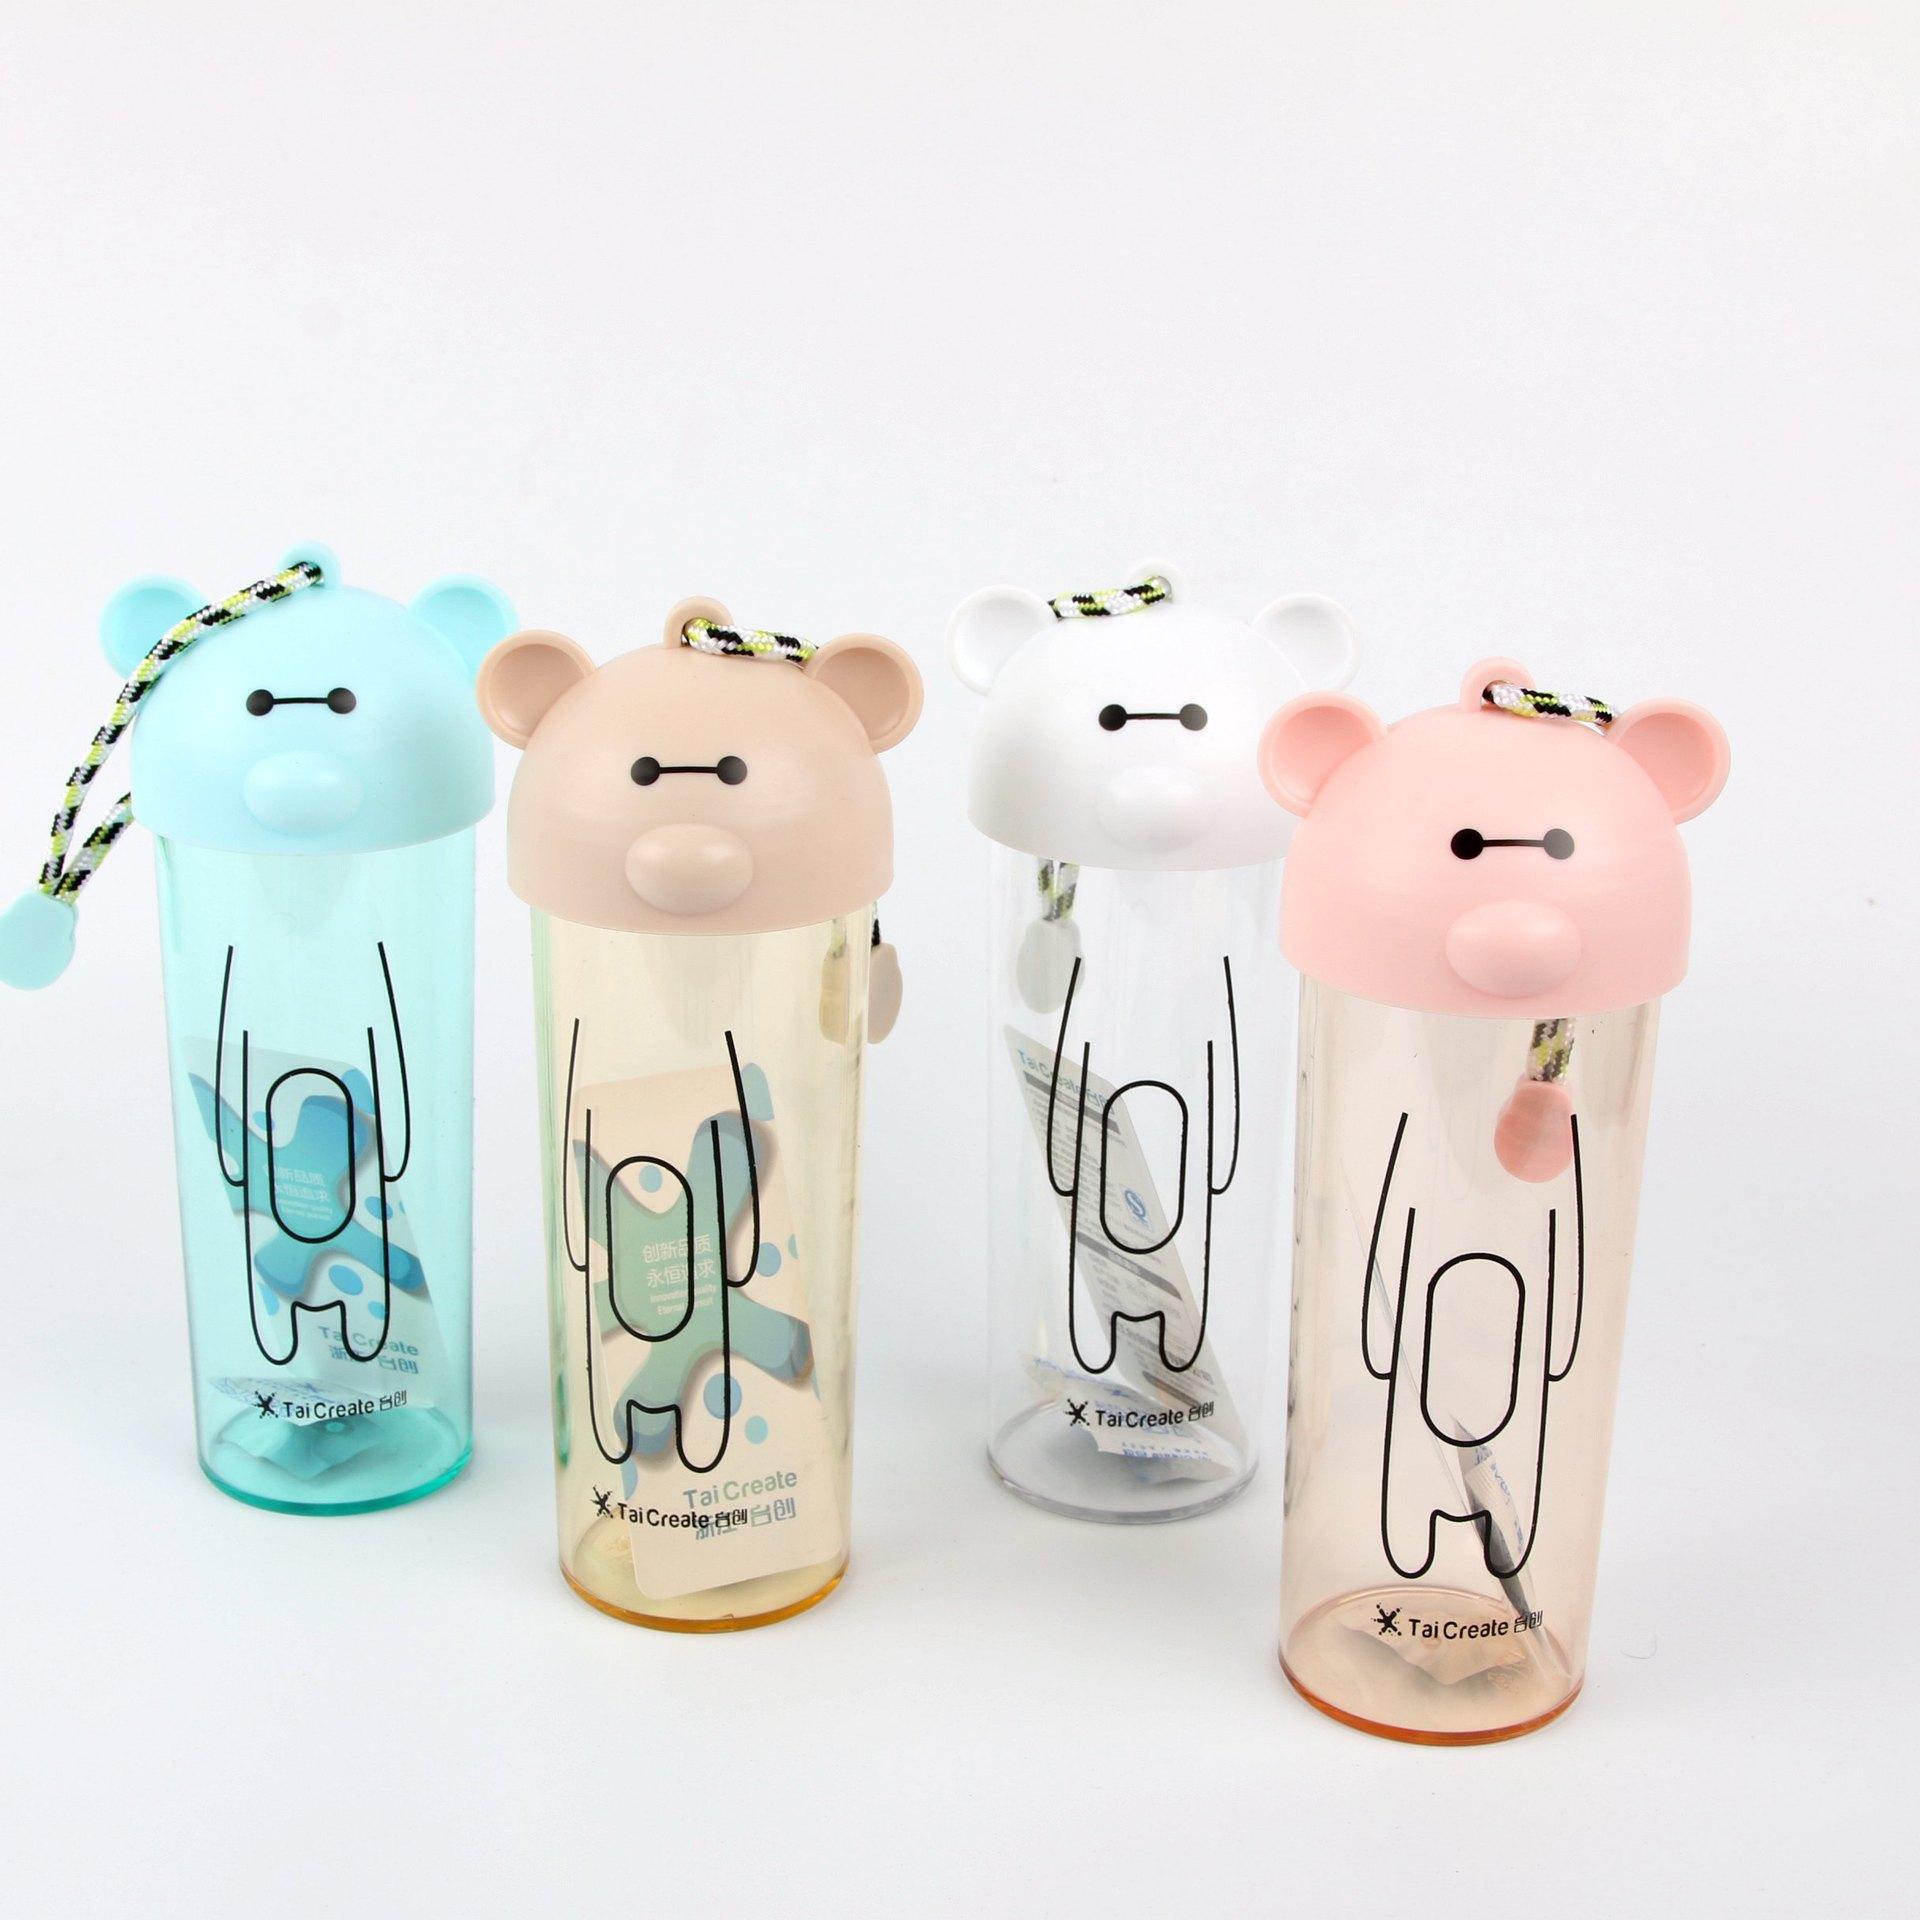 2018新款 台创太空杯儿童时尚塑料水杯糖果色促销礼品杯